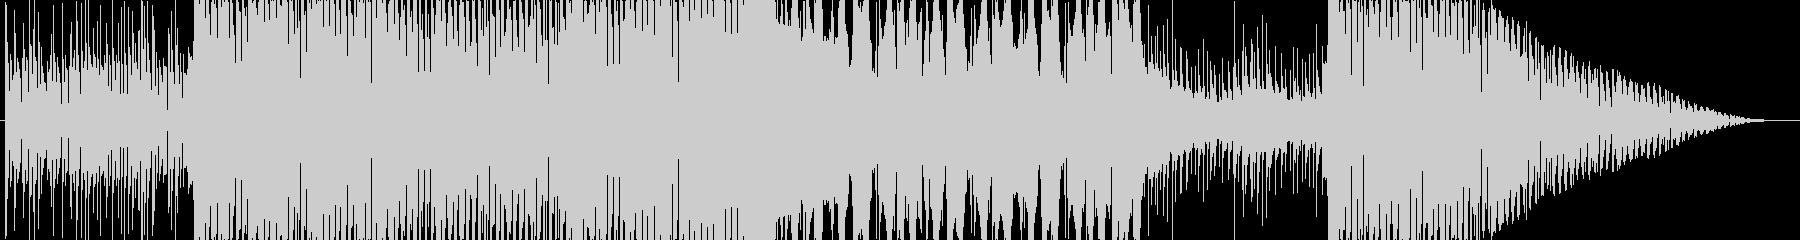 ピアノとシンセが綺麗な透明感のあるBGMの未再生の波形